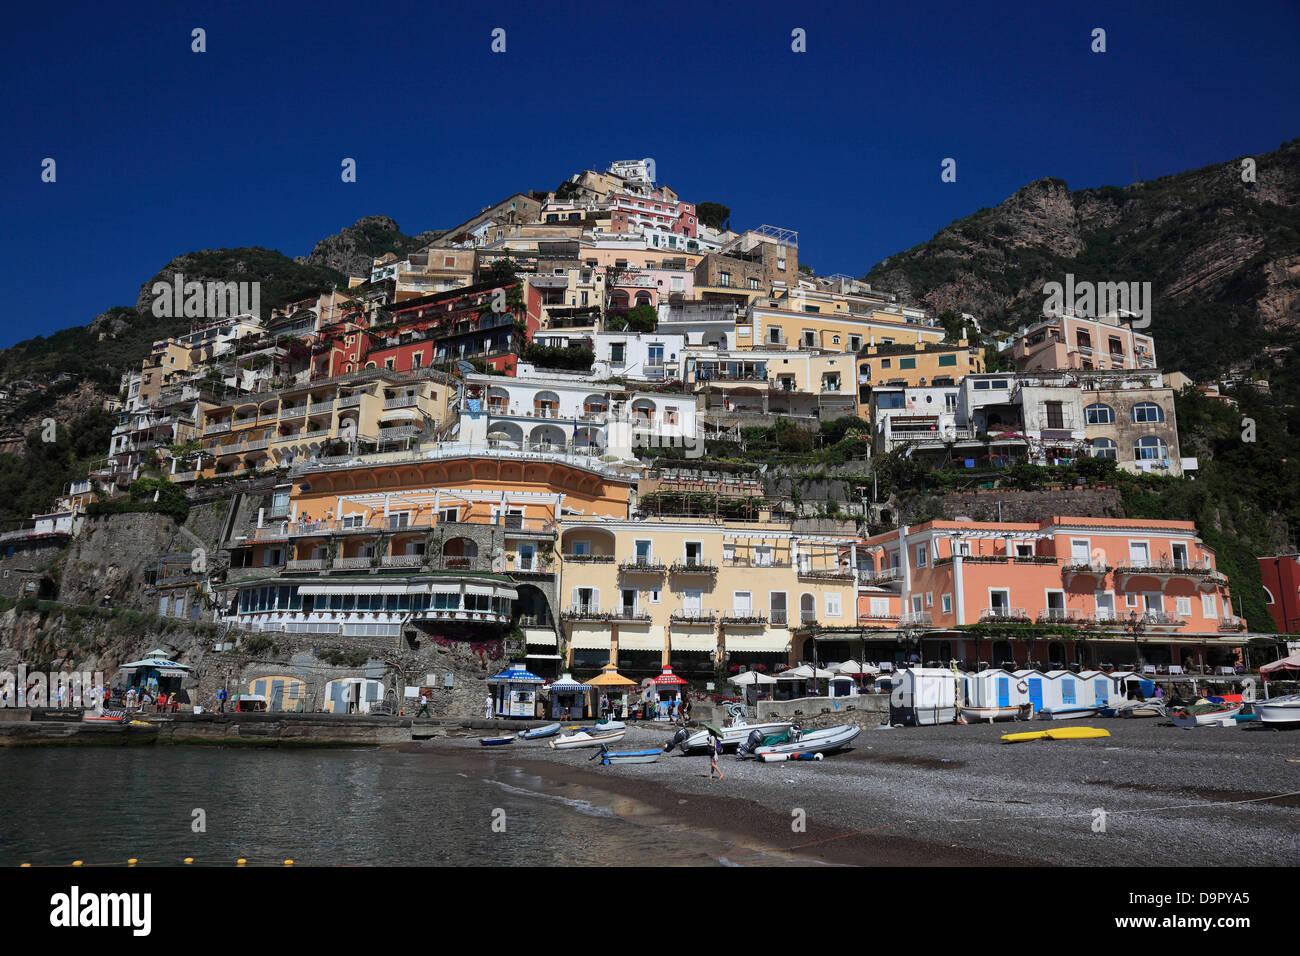 city of Positano, Campania, Italy - Stock Image